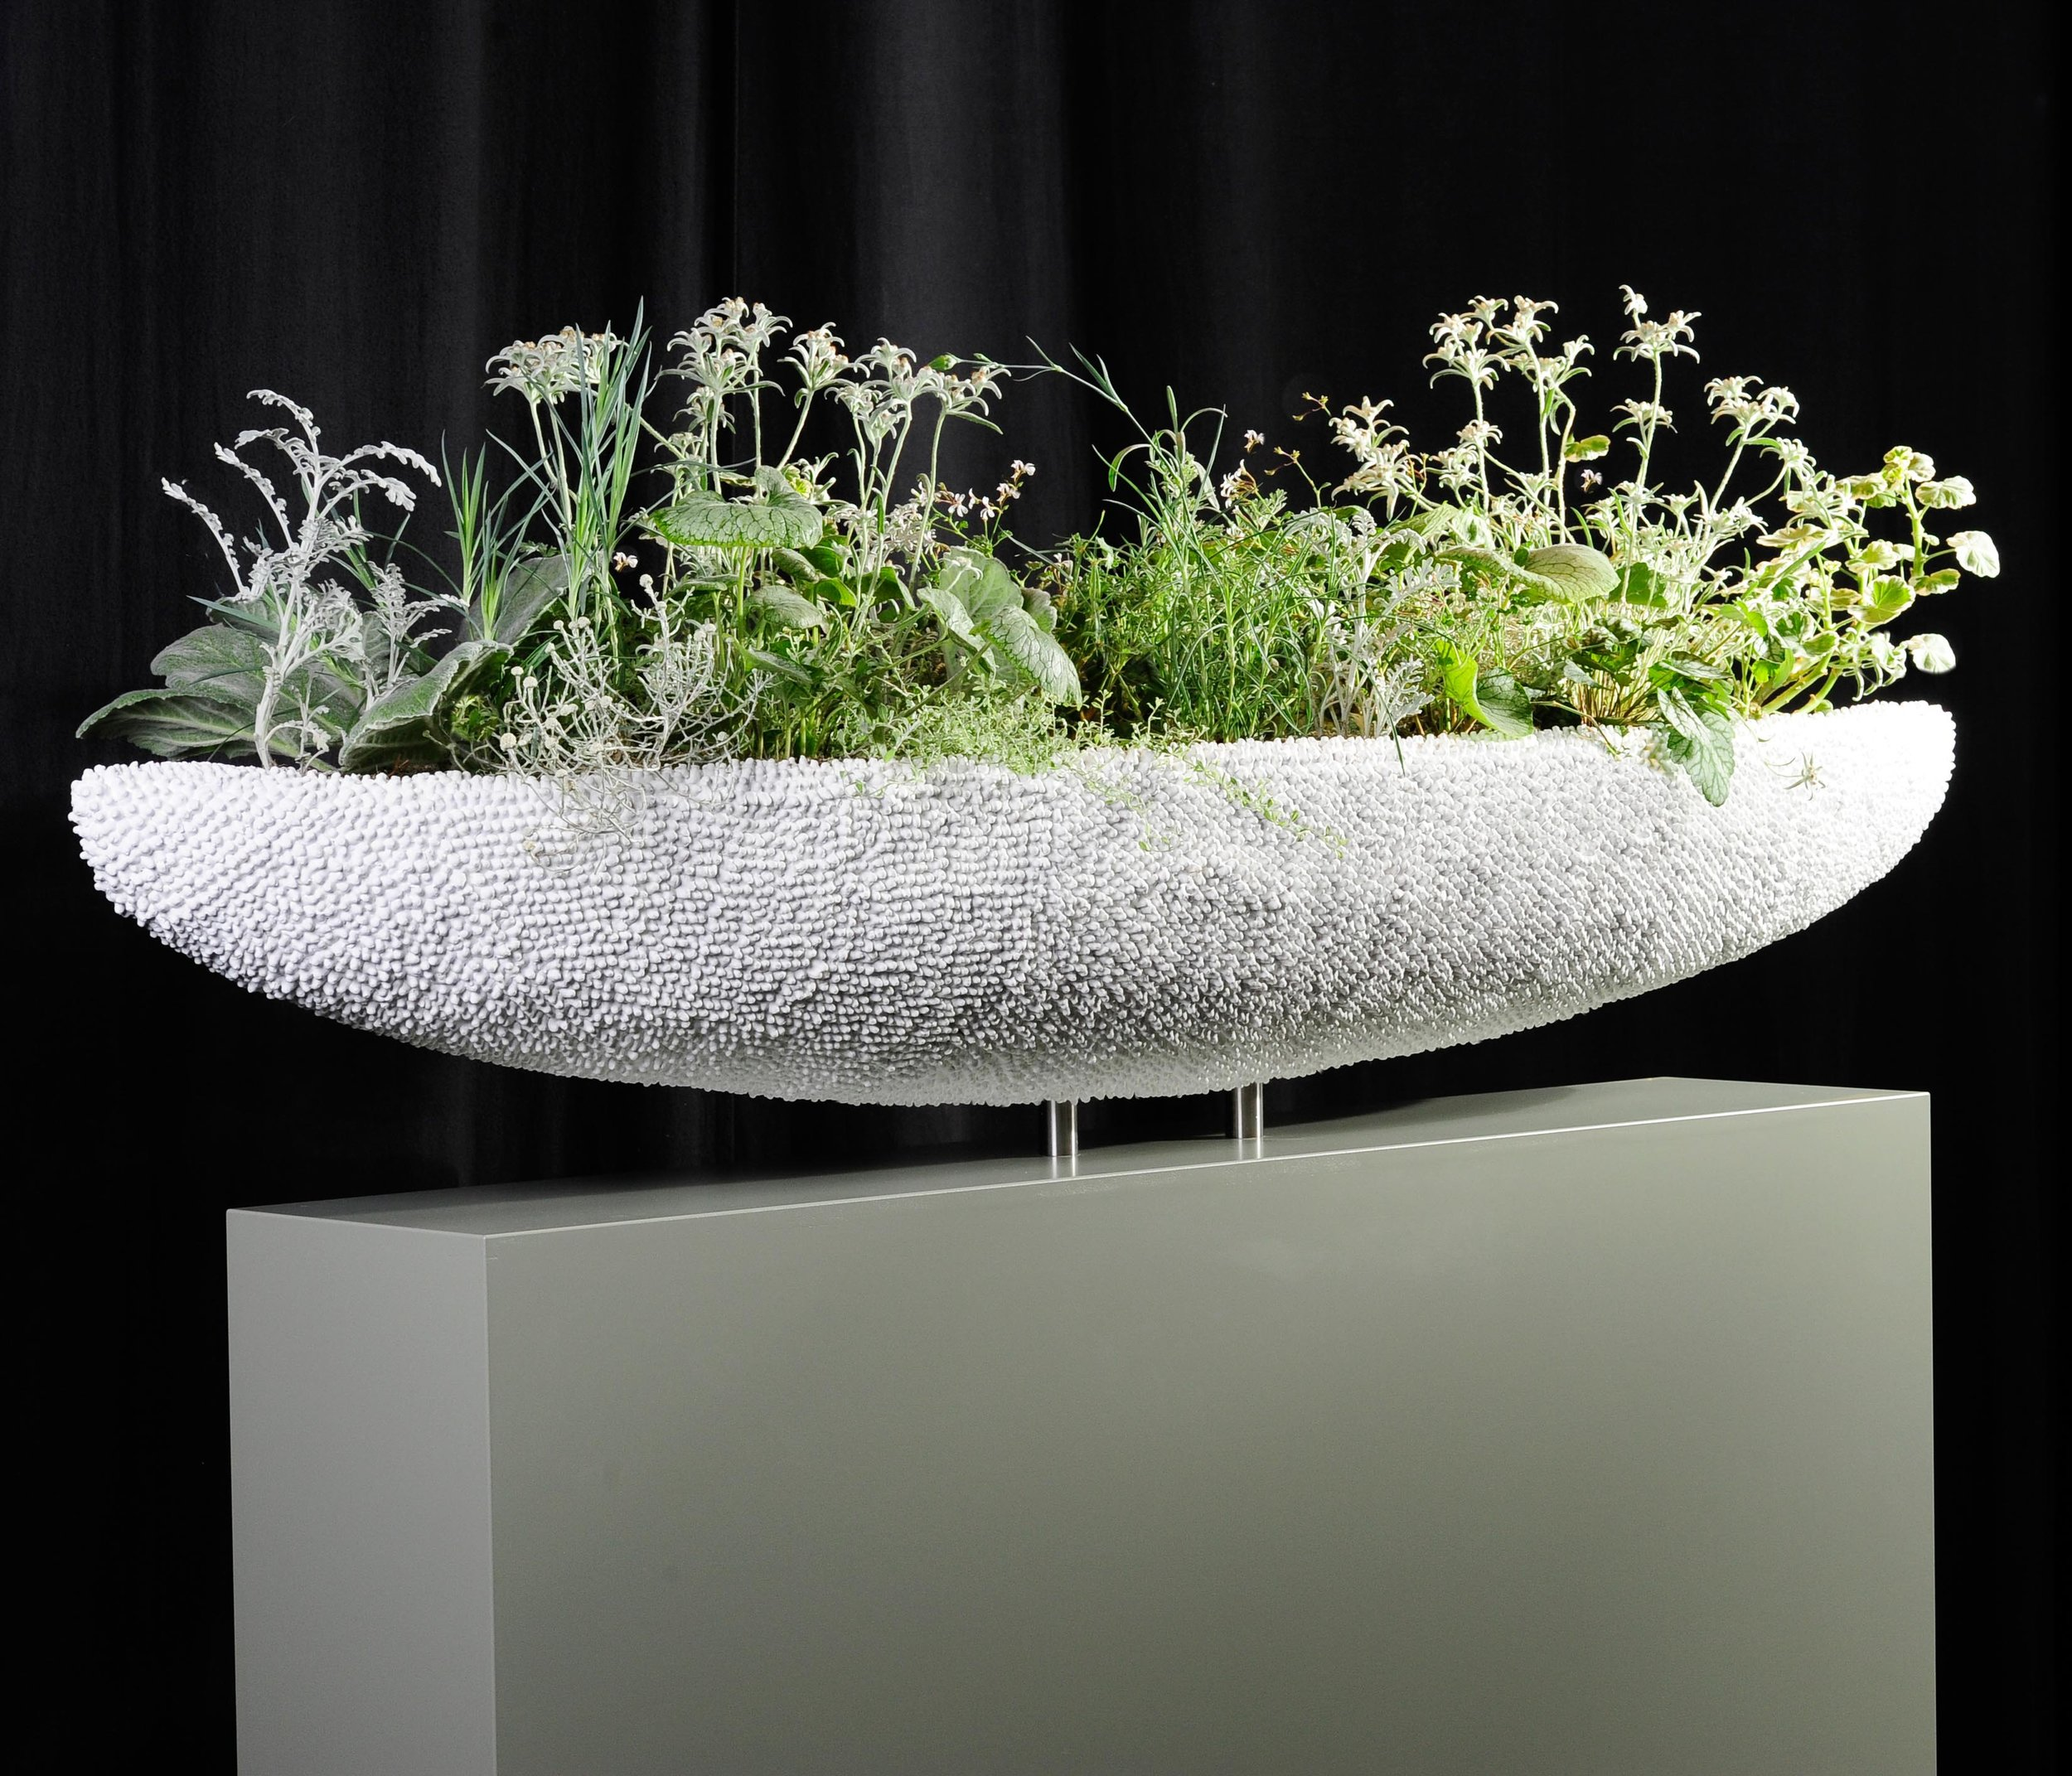 Aus weiss überzogenen Wattestäbchen gestaltete Stefan Egerbacher die Schale für seine spannende länglich-schwebende Pflanzarbeit.